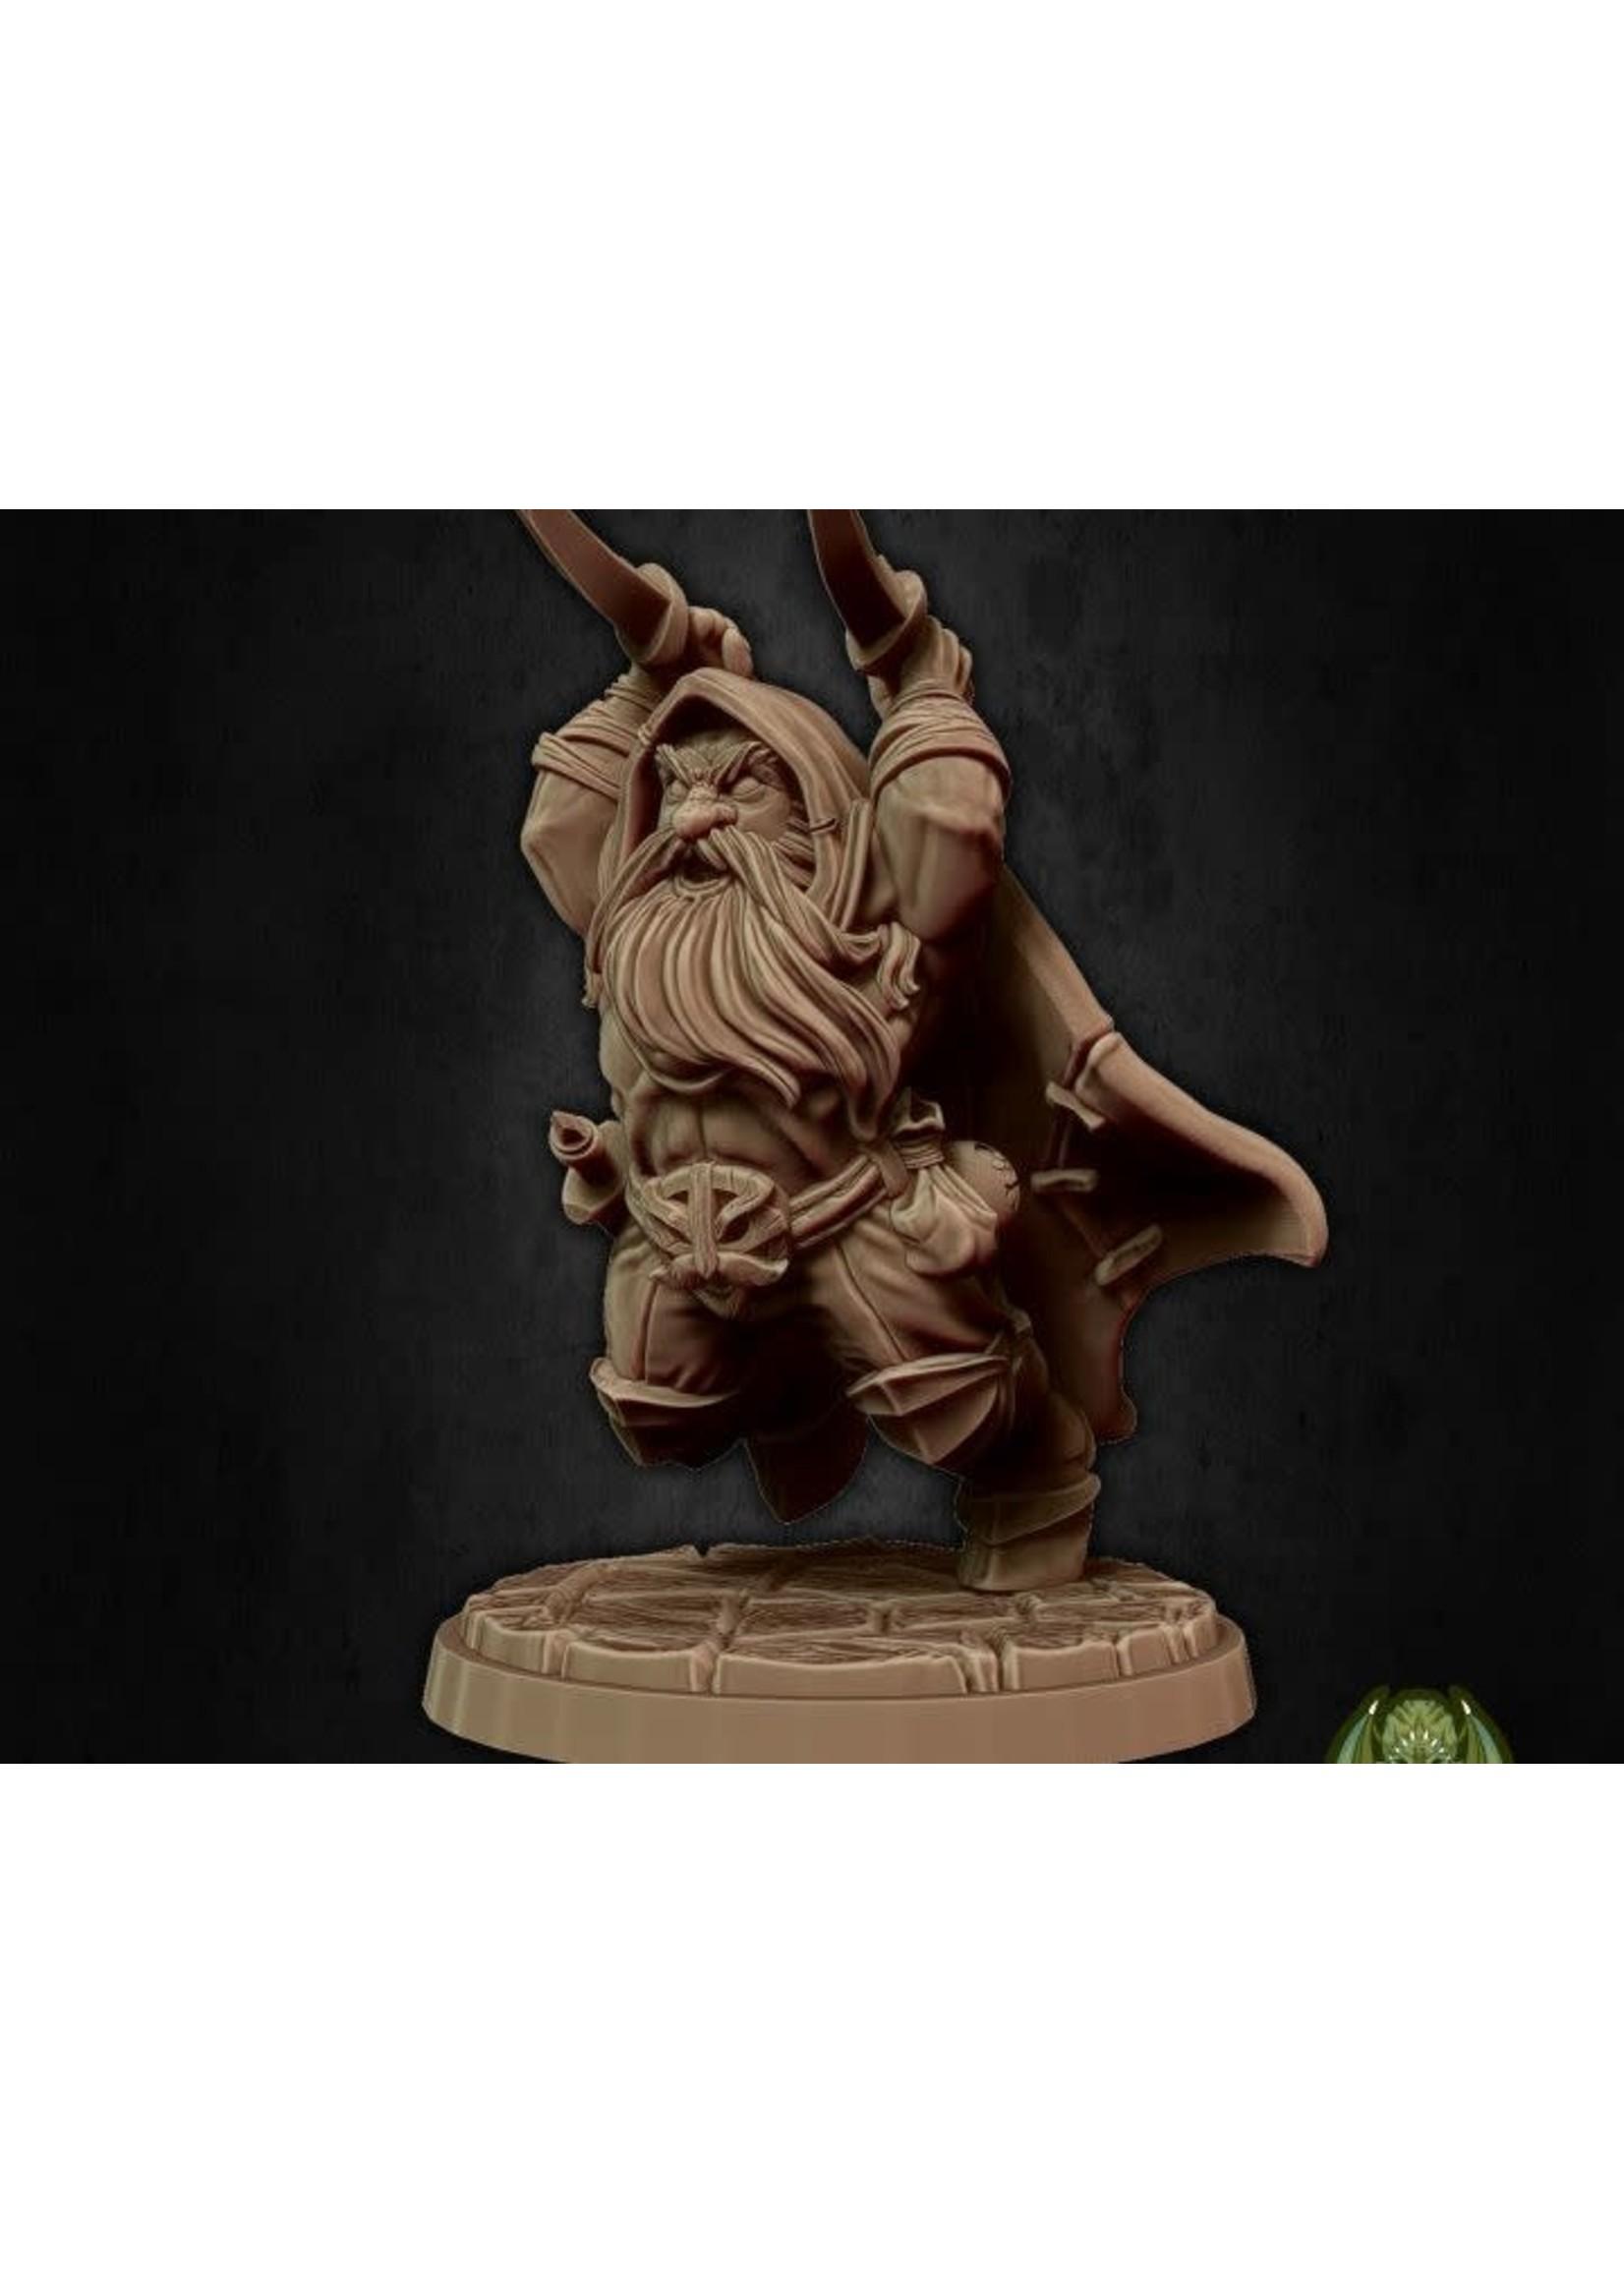 Kogan The Raider (Hold My Dwarf Ks)